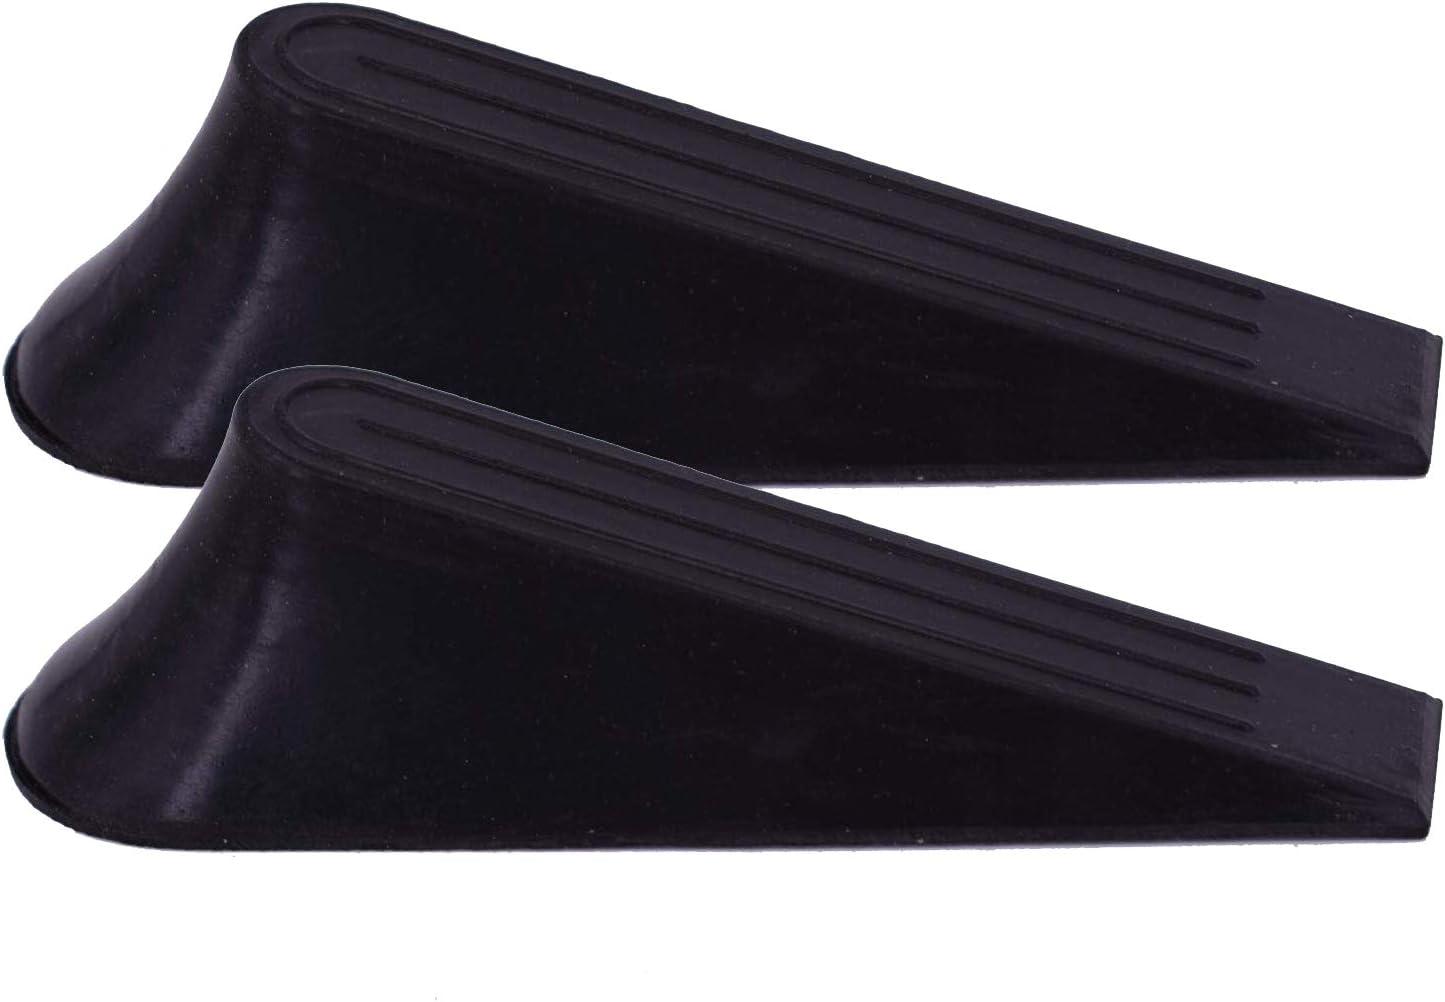 2 Pack Door Stops Black Multi Surface Anti Slippery Door Stop with Heavy Duty Design Flexible and Wedge Non Scratching Door Holder